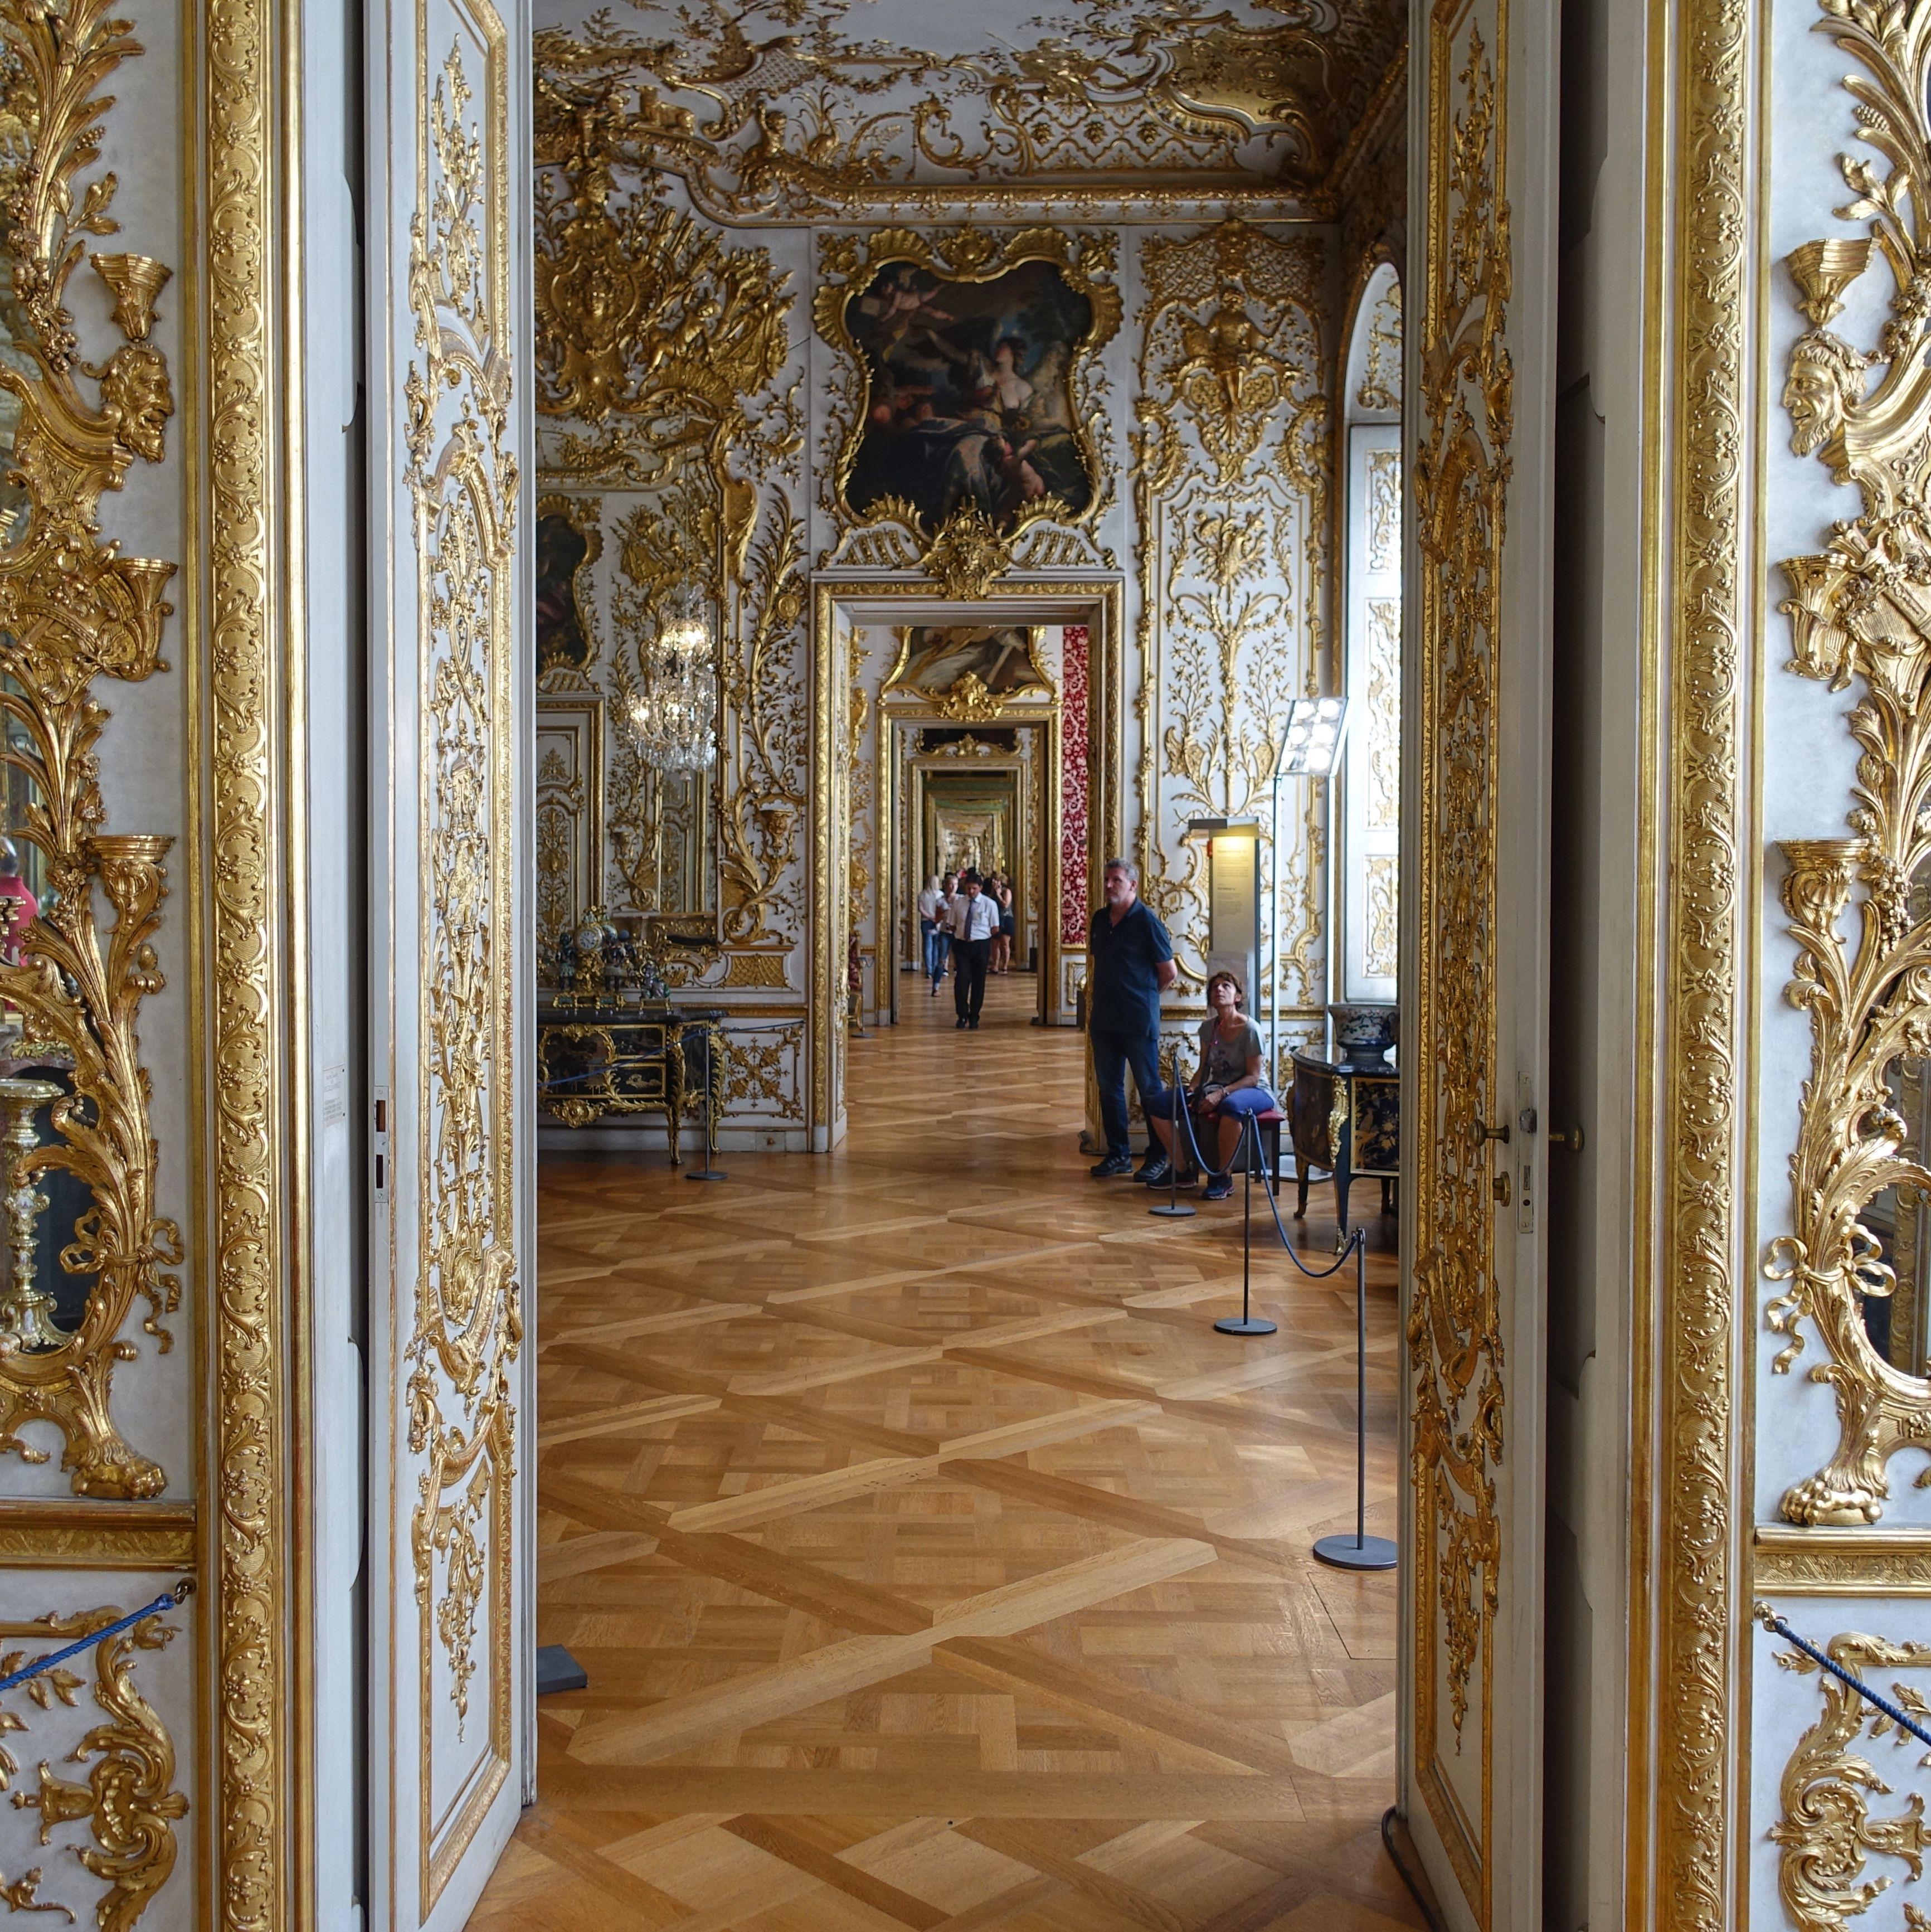 Munich Germany Munchen Deutschland Reiche Zimmer In Der Munchner Residenz Schloss Munchen Munchen Munchen Deutschland